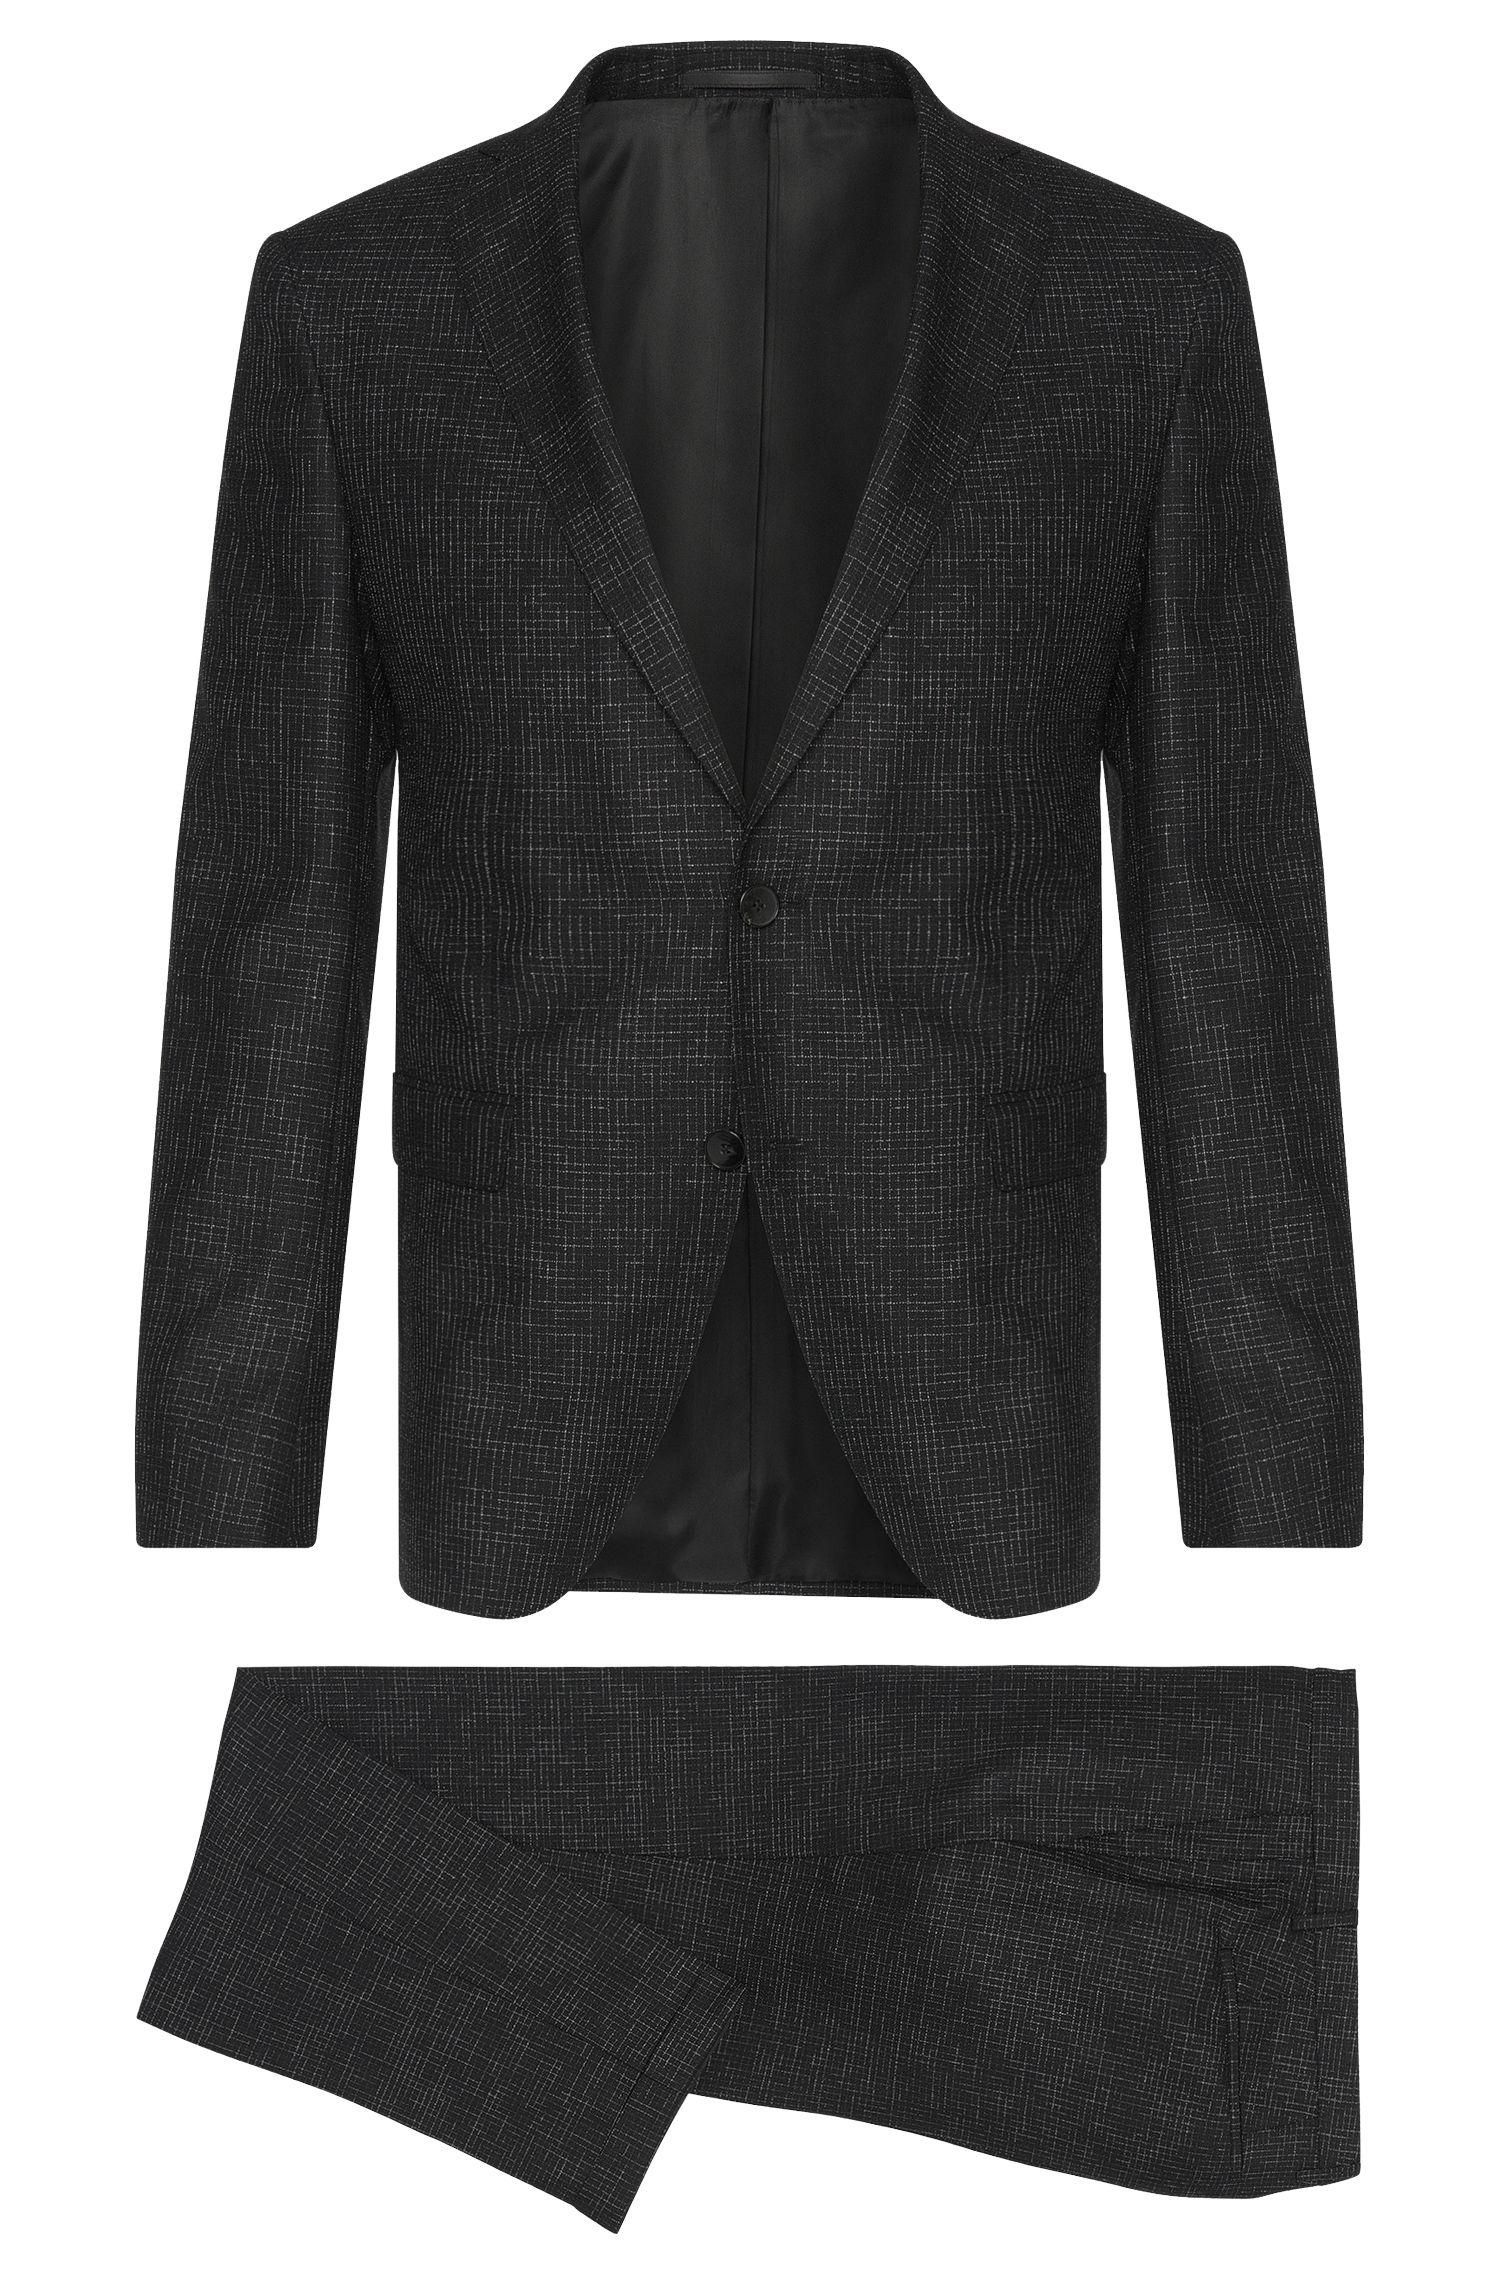 'Reyno/Wave' | Extra-Slim Fit, Super 100 Italian Virgin Wool Suit